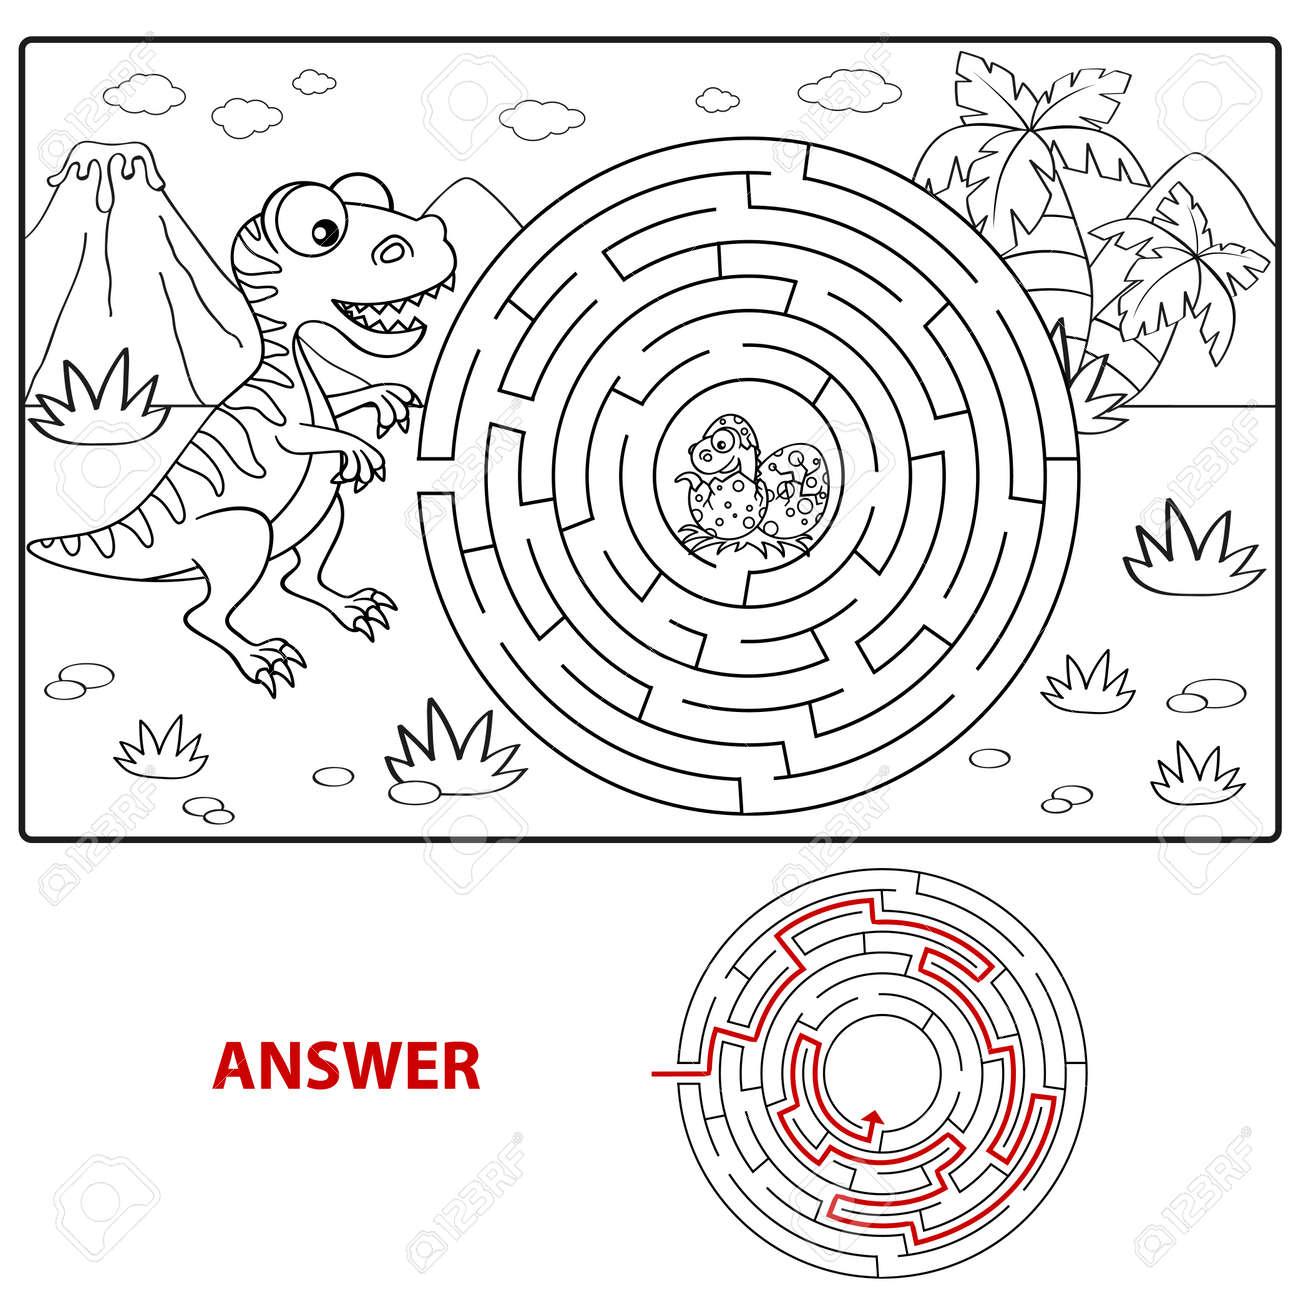 Hilfe Dinosaurier Finden Weg Zum Nest. Labyrinth. Labyrinth Spiel